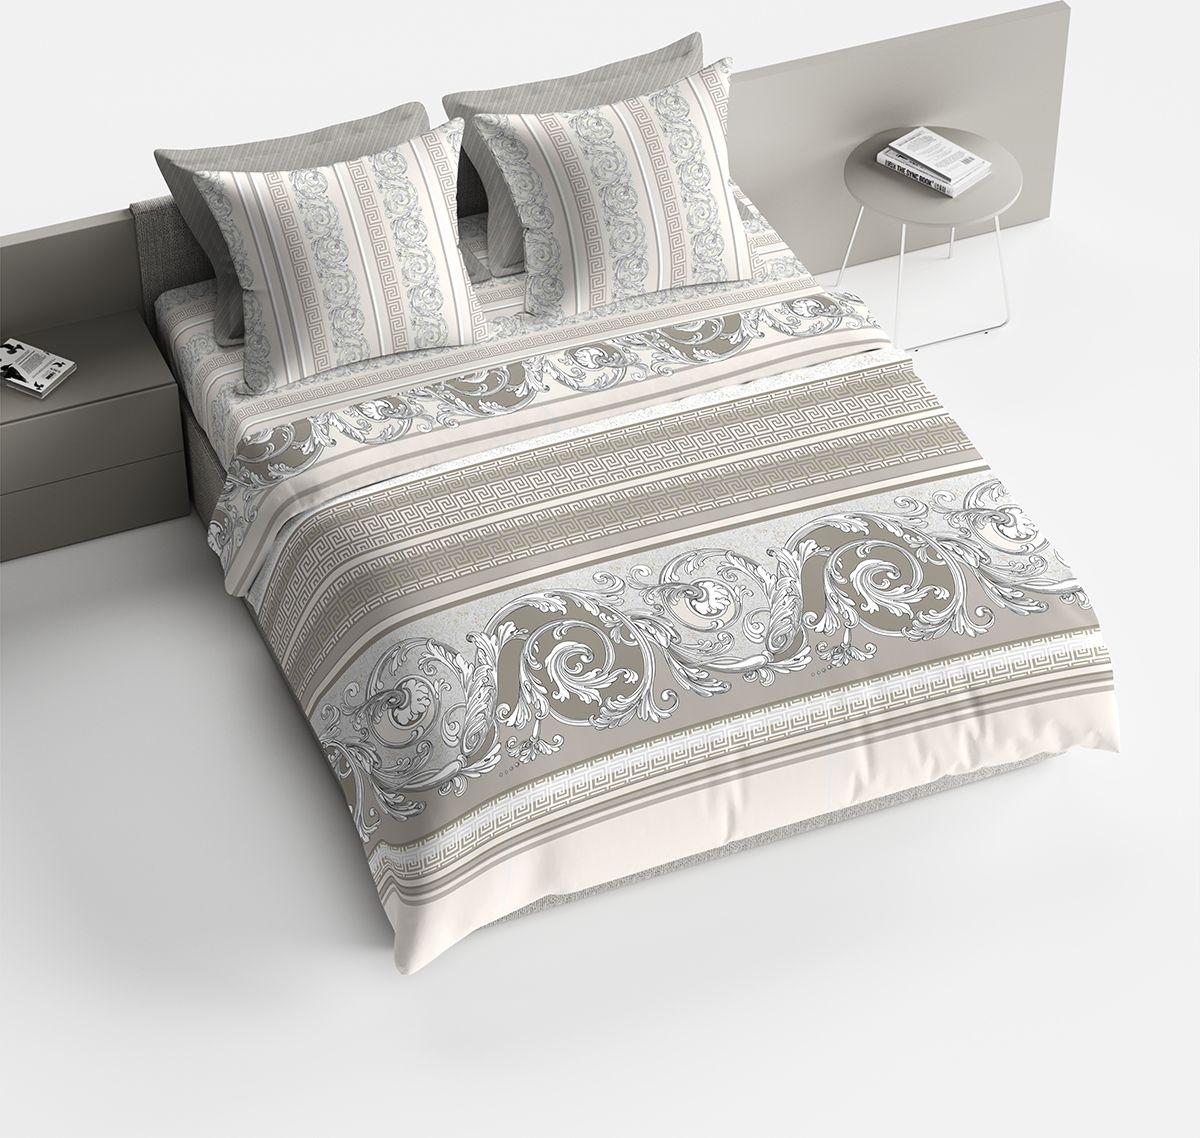 Комплект белья Браво Барокко, 2-спальное, наволочки 70x70, цвет: серыйCLP446Комплекты постельного белья из ткани LUX COTTON (высококачественный поплин), сотканной из длинноволокнистого египетского хлопка, созданы специально для людей с оригинальным вкусом, предпочитающим современные решения в интерьере. Обновленная стильная упаковка делает этот комплект отличным подарком. • Равноплотная ткань из 100% хлопка;• Обработана по технологии мерсеризации и санфоризации;• Мягкая и нежная на ощупь;• Устойчива к трению;• Обладает высокими показателями гигроскопичности (впитывает влагу);• Выдерживает частые стирки, сохраняя первоначальные цвет, форму и размеры;• Безопасные красители ведущего немецкого производителя BEZEMA